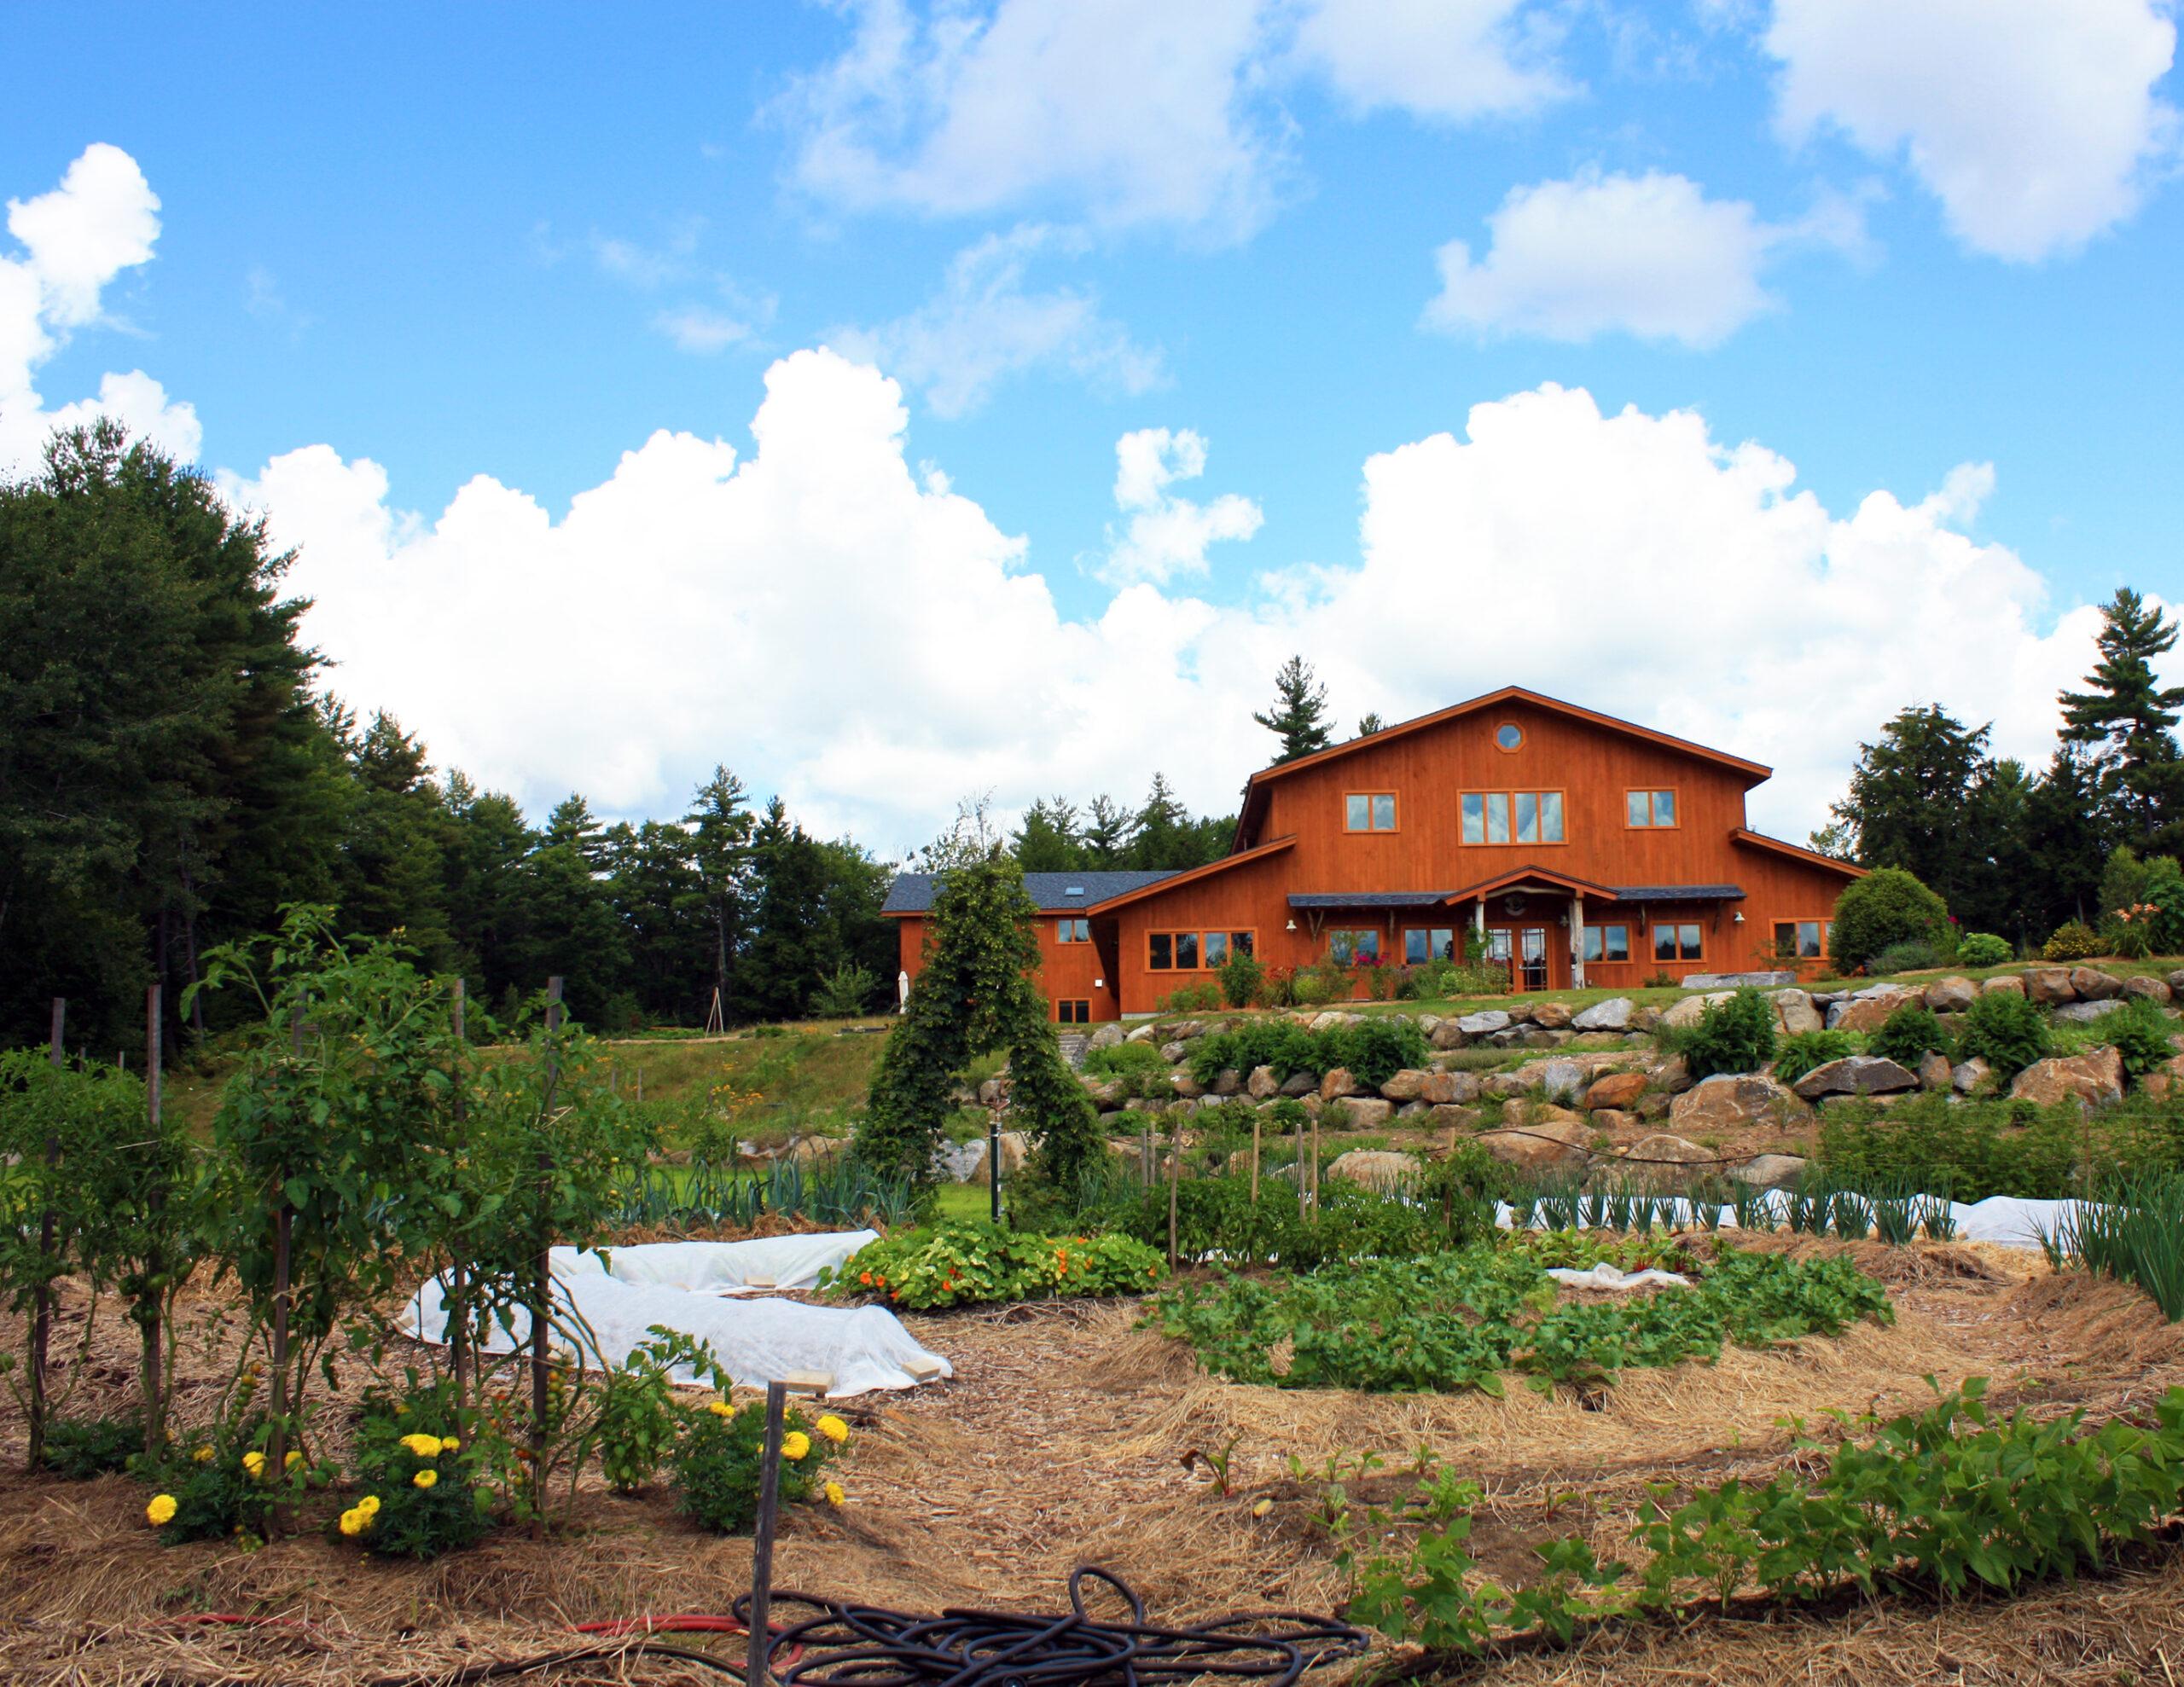 Badger facility & ecology center